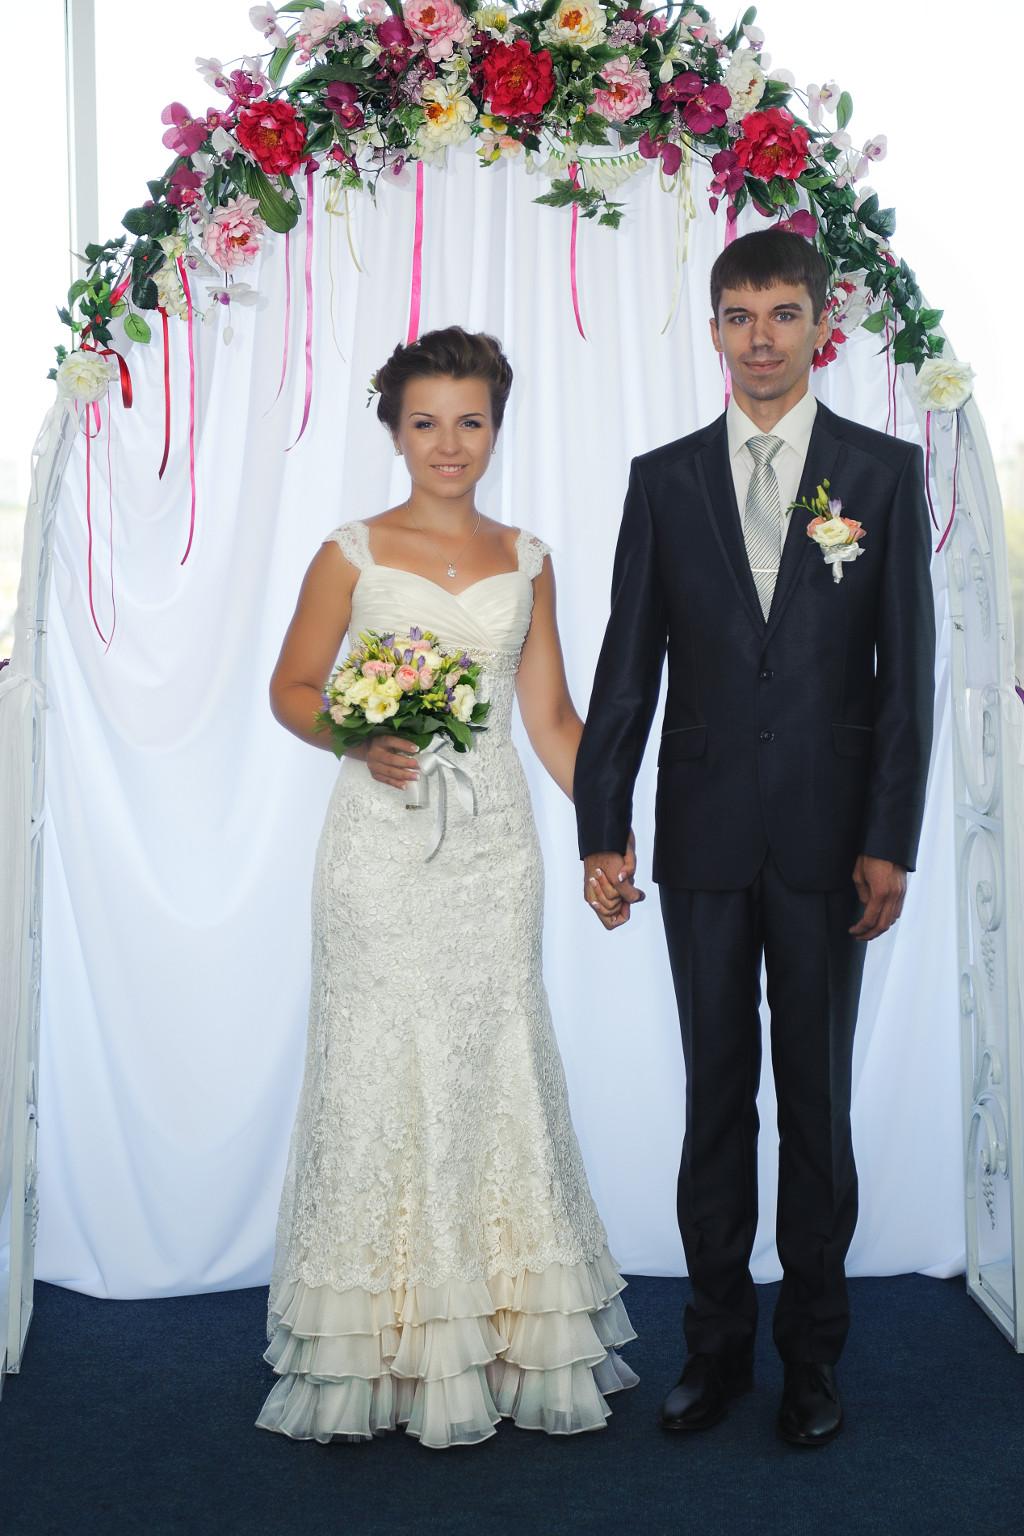 Воронежское свадебное предложение